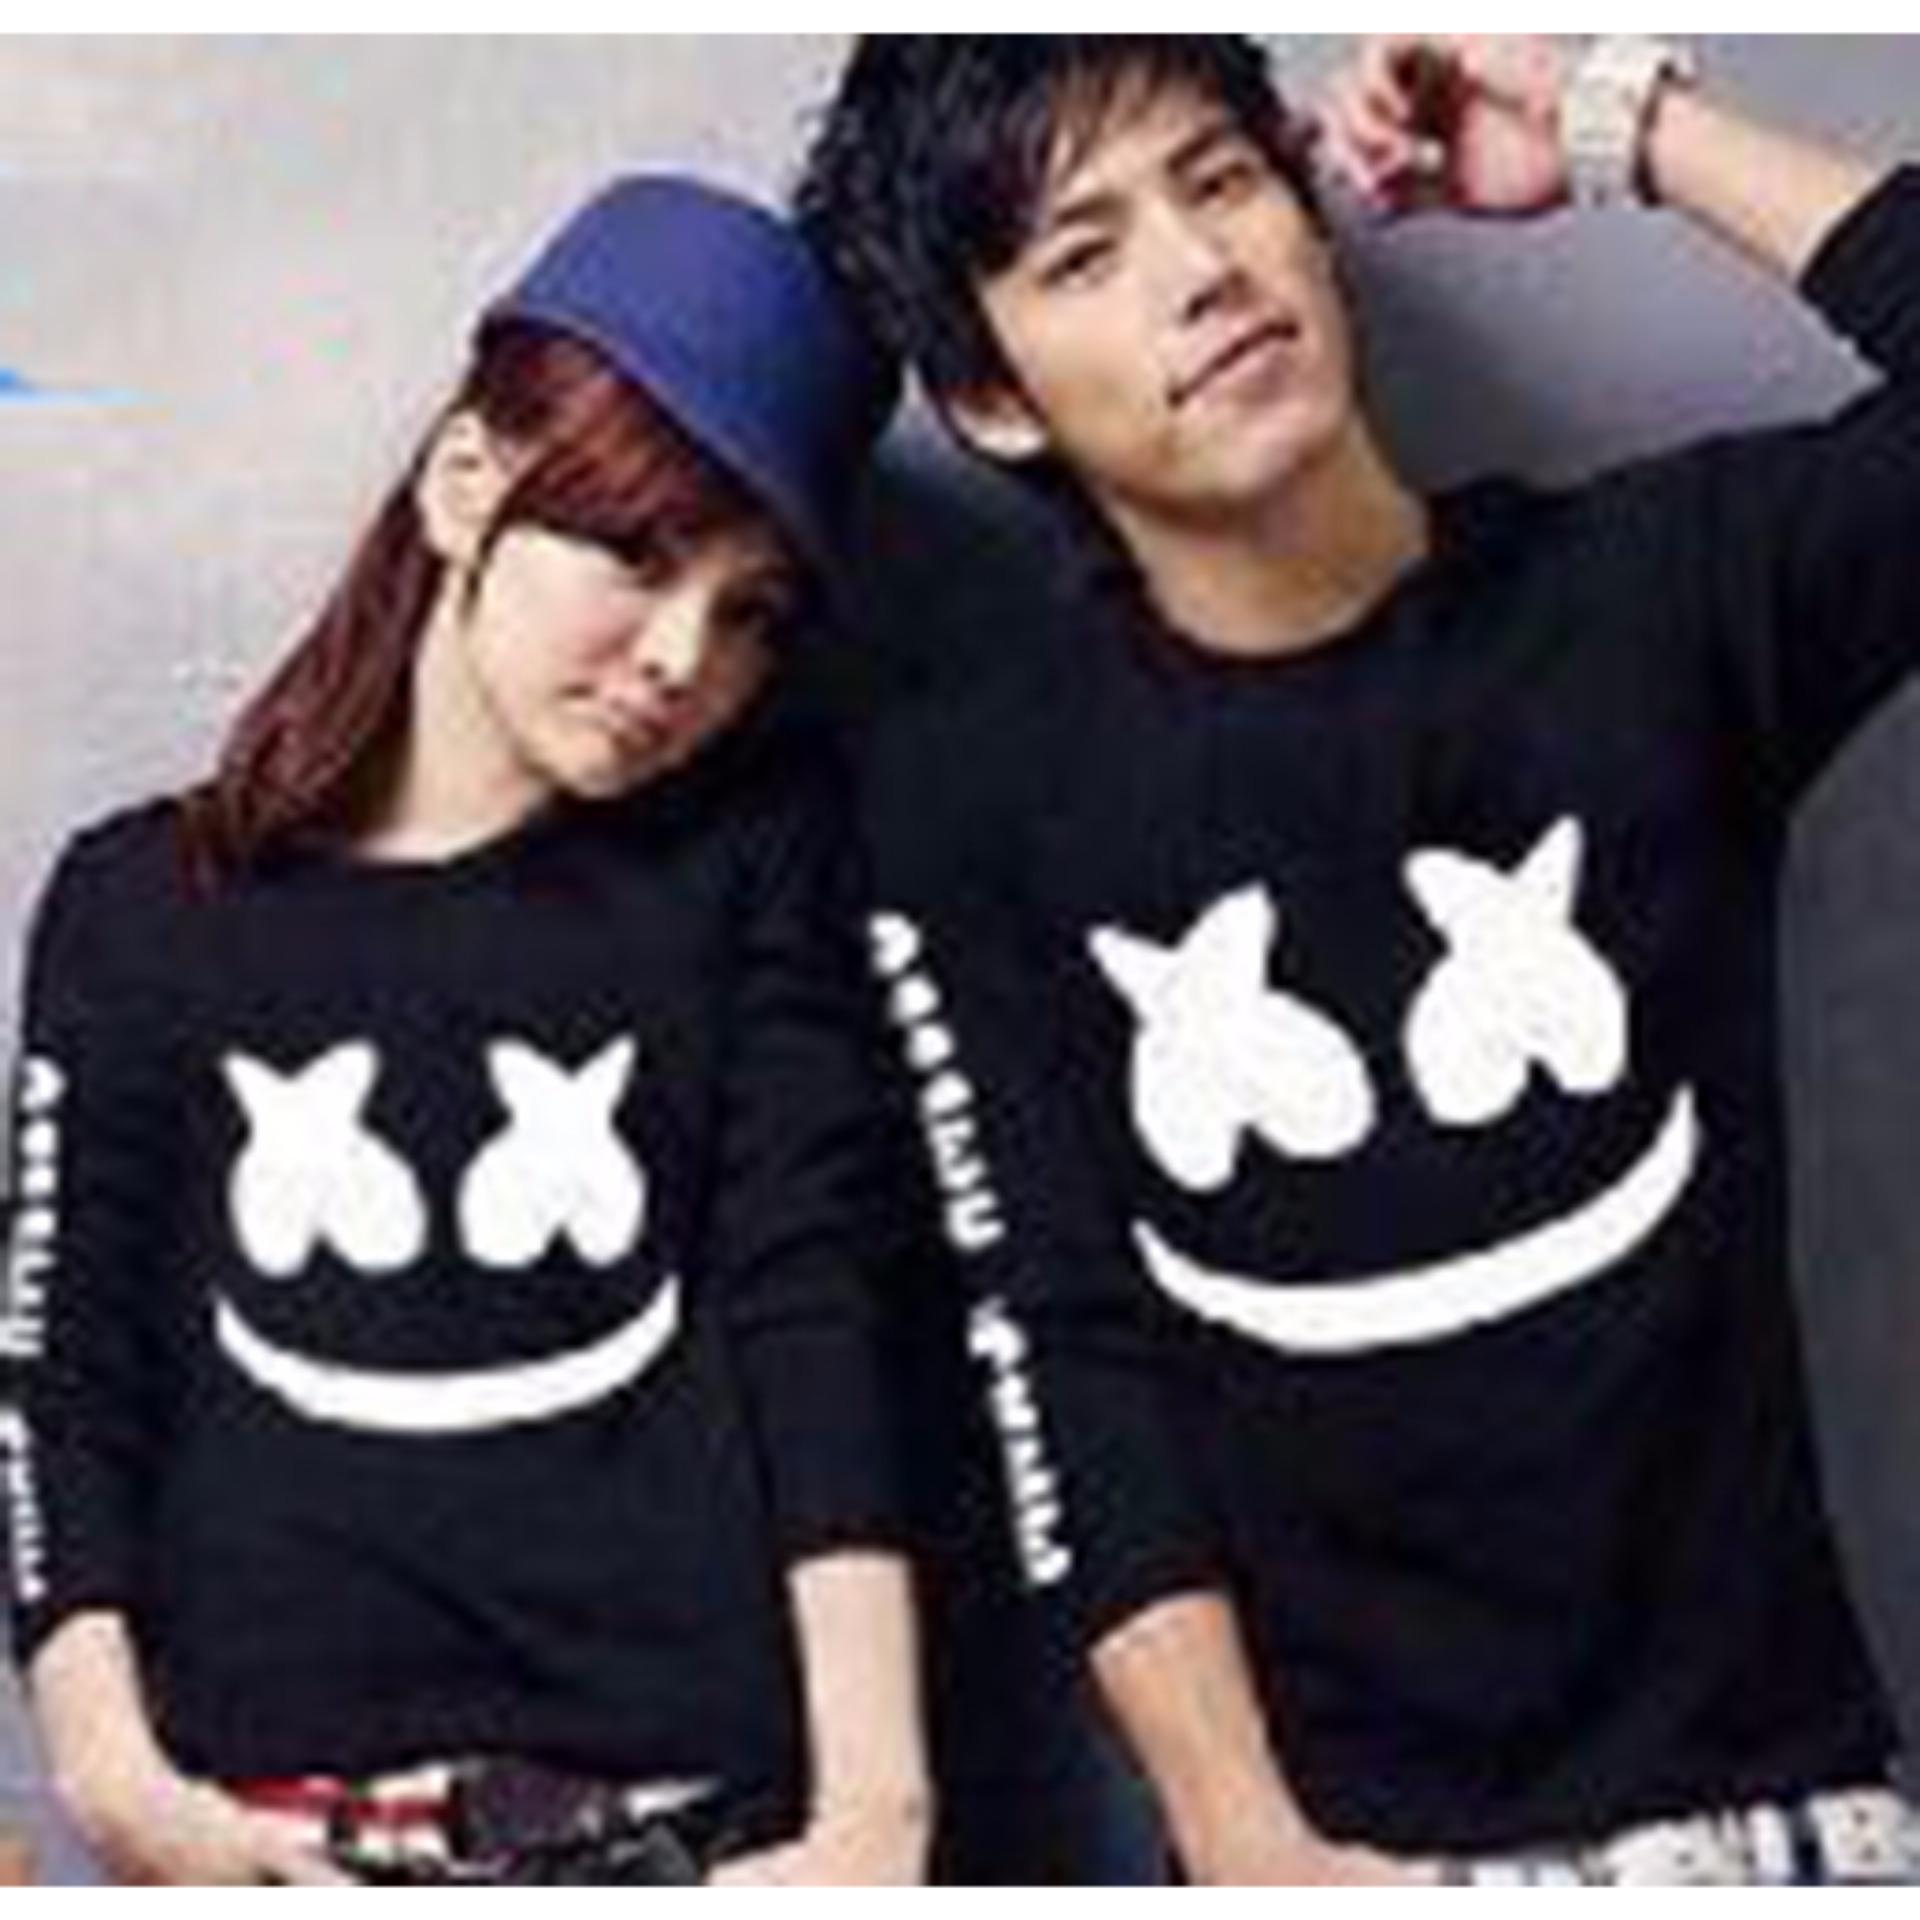 Flash Sale Kaos Couple Lengan Panjang | Baju Couple | Kaos Kapel | Baju Kembar